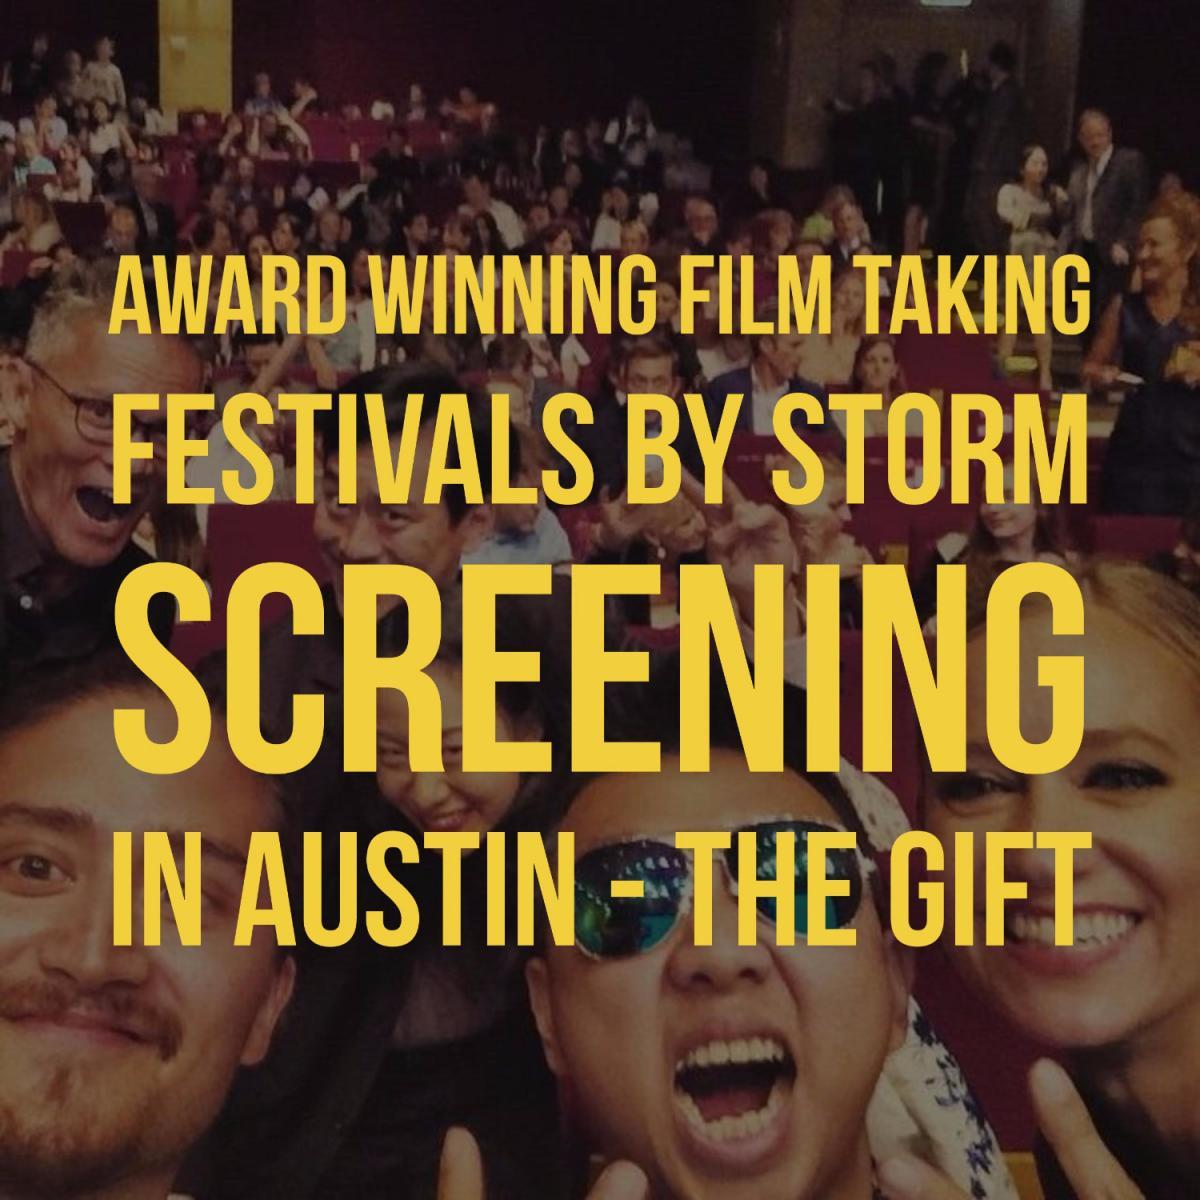 Austin Revolution Film Festival: Lisa Belcher's 'The Gift' Keeps on Giving